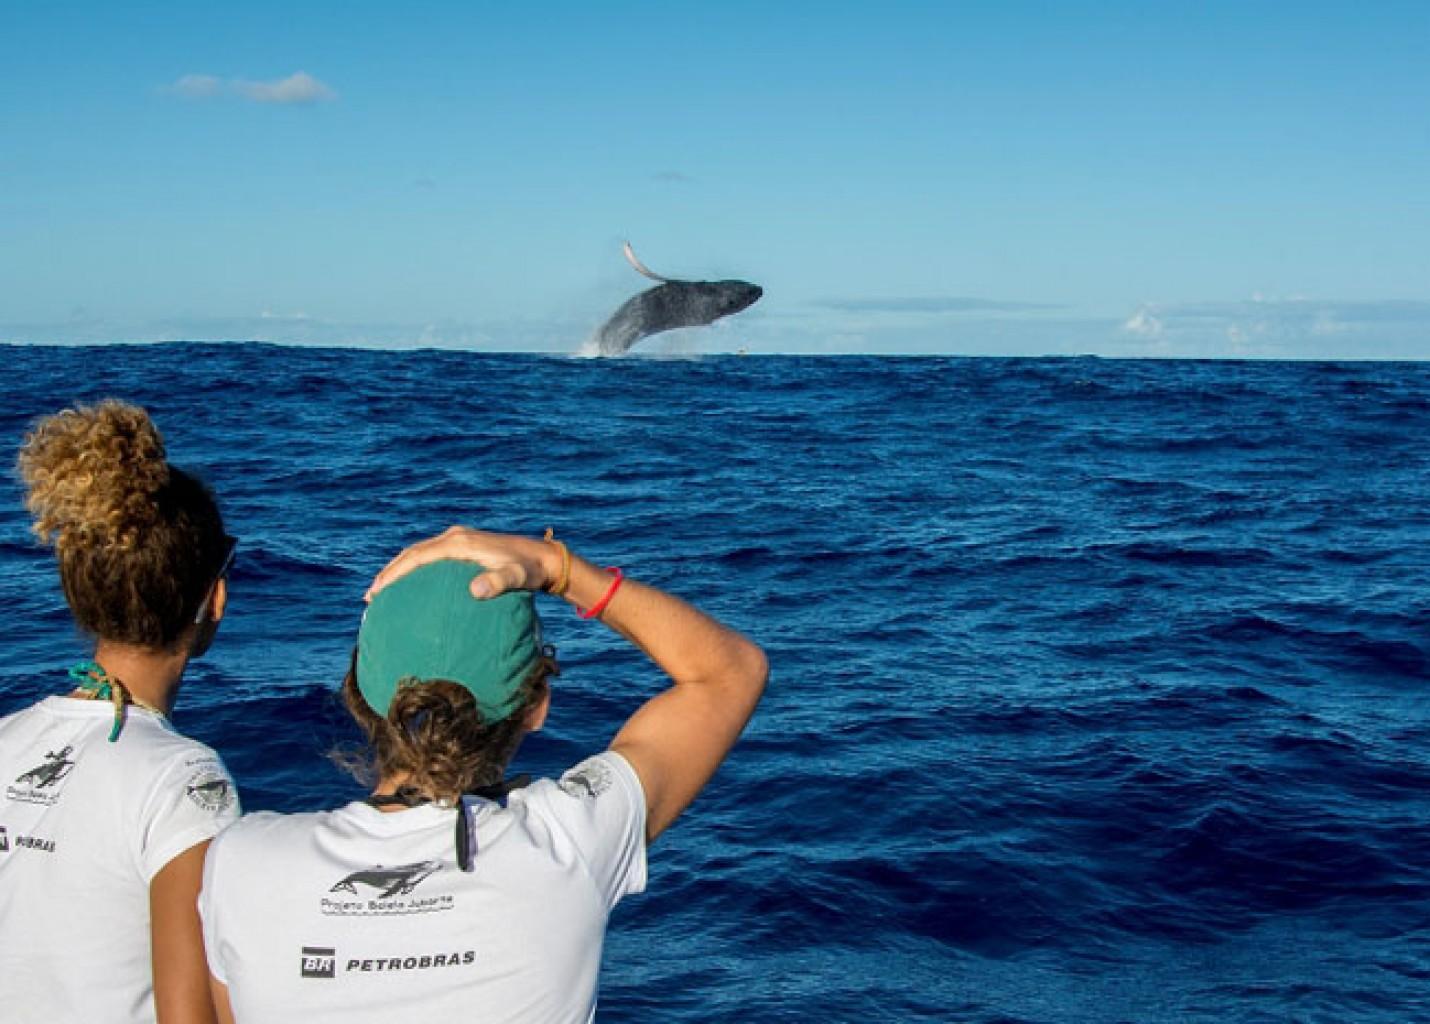 Juiz do TRF-4 libera observação de baleias francas em Santa Catarina